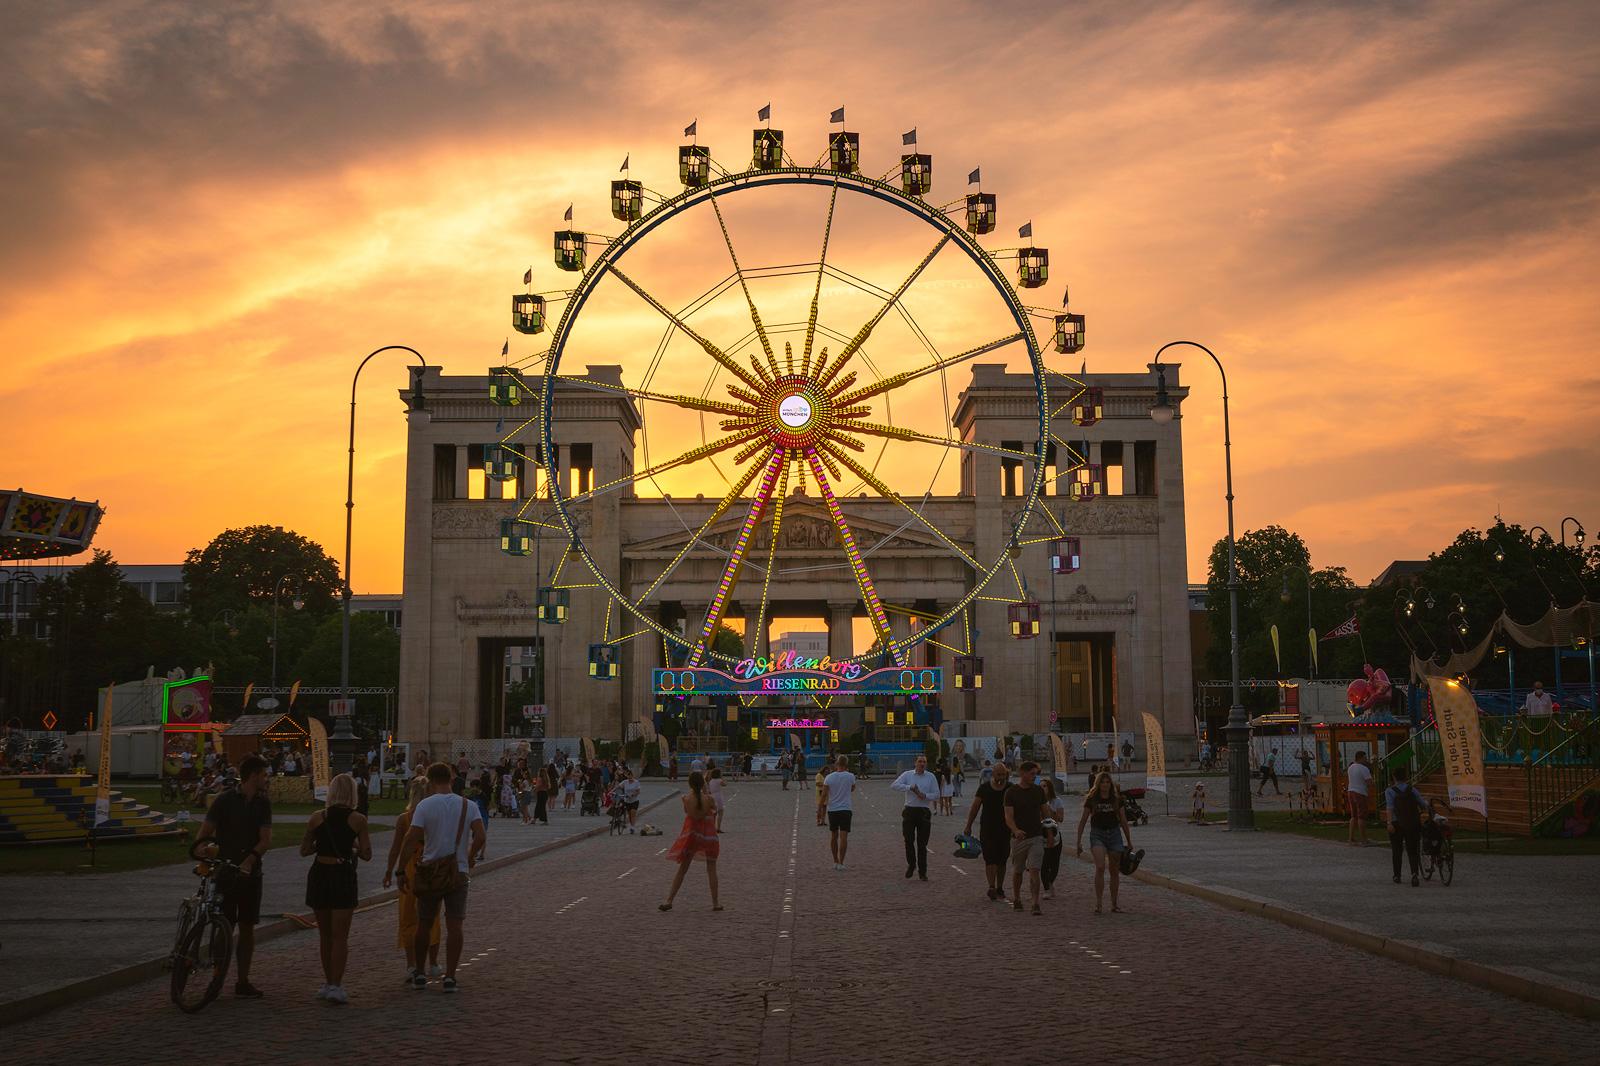 Sommer in der Stadt am Königsplatz in München